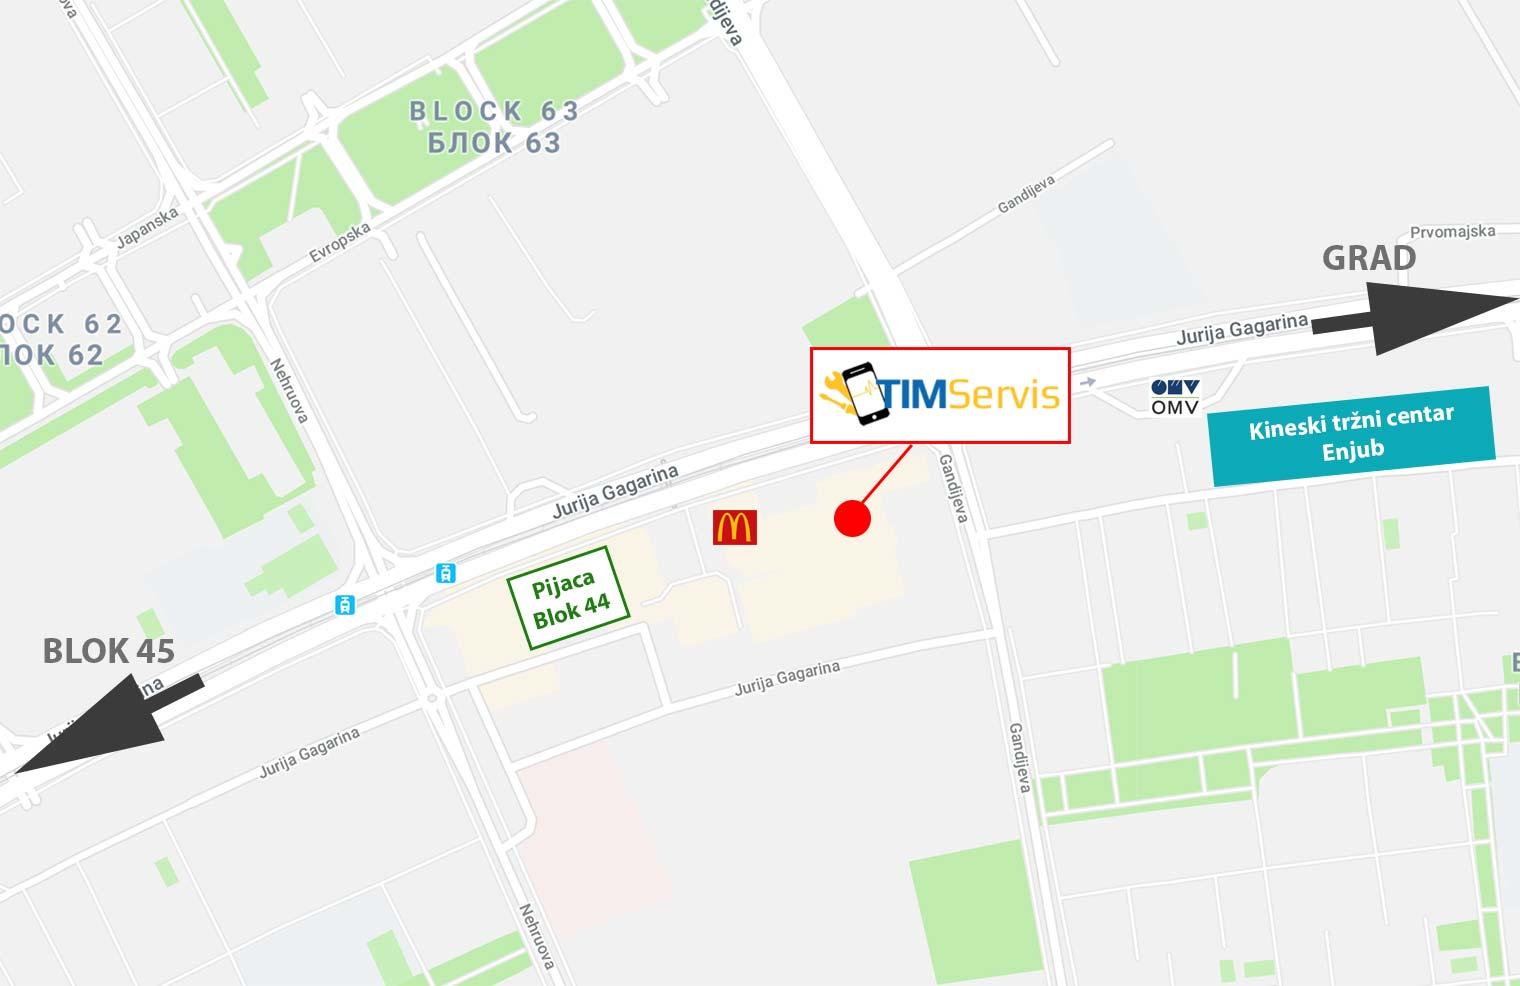 jurija gagarina beograd mapa Kako do nas   Mapa i lokacija   Tim Servis Beograd jurija gagarina beograd mapa